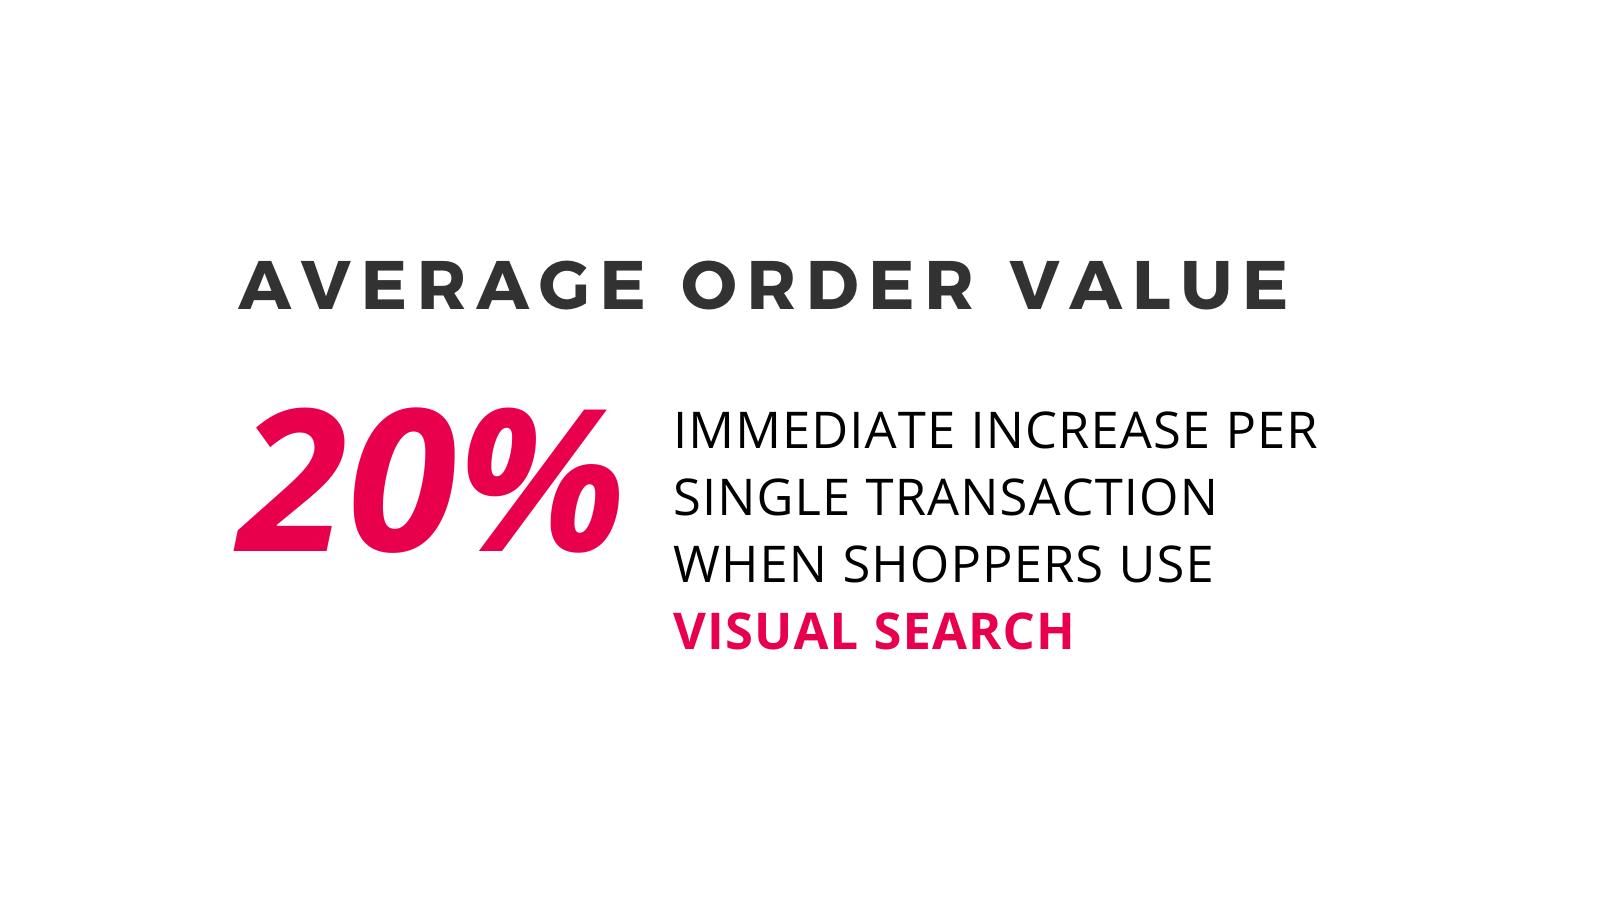 visual search increased aov